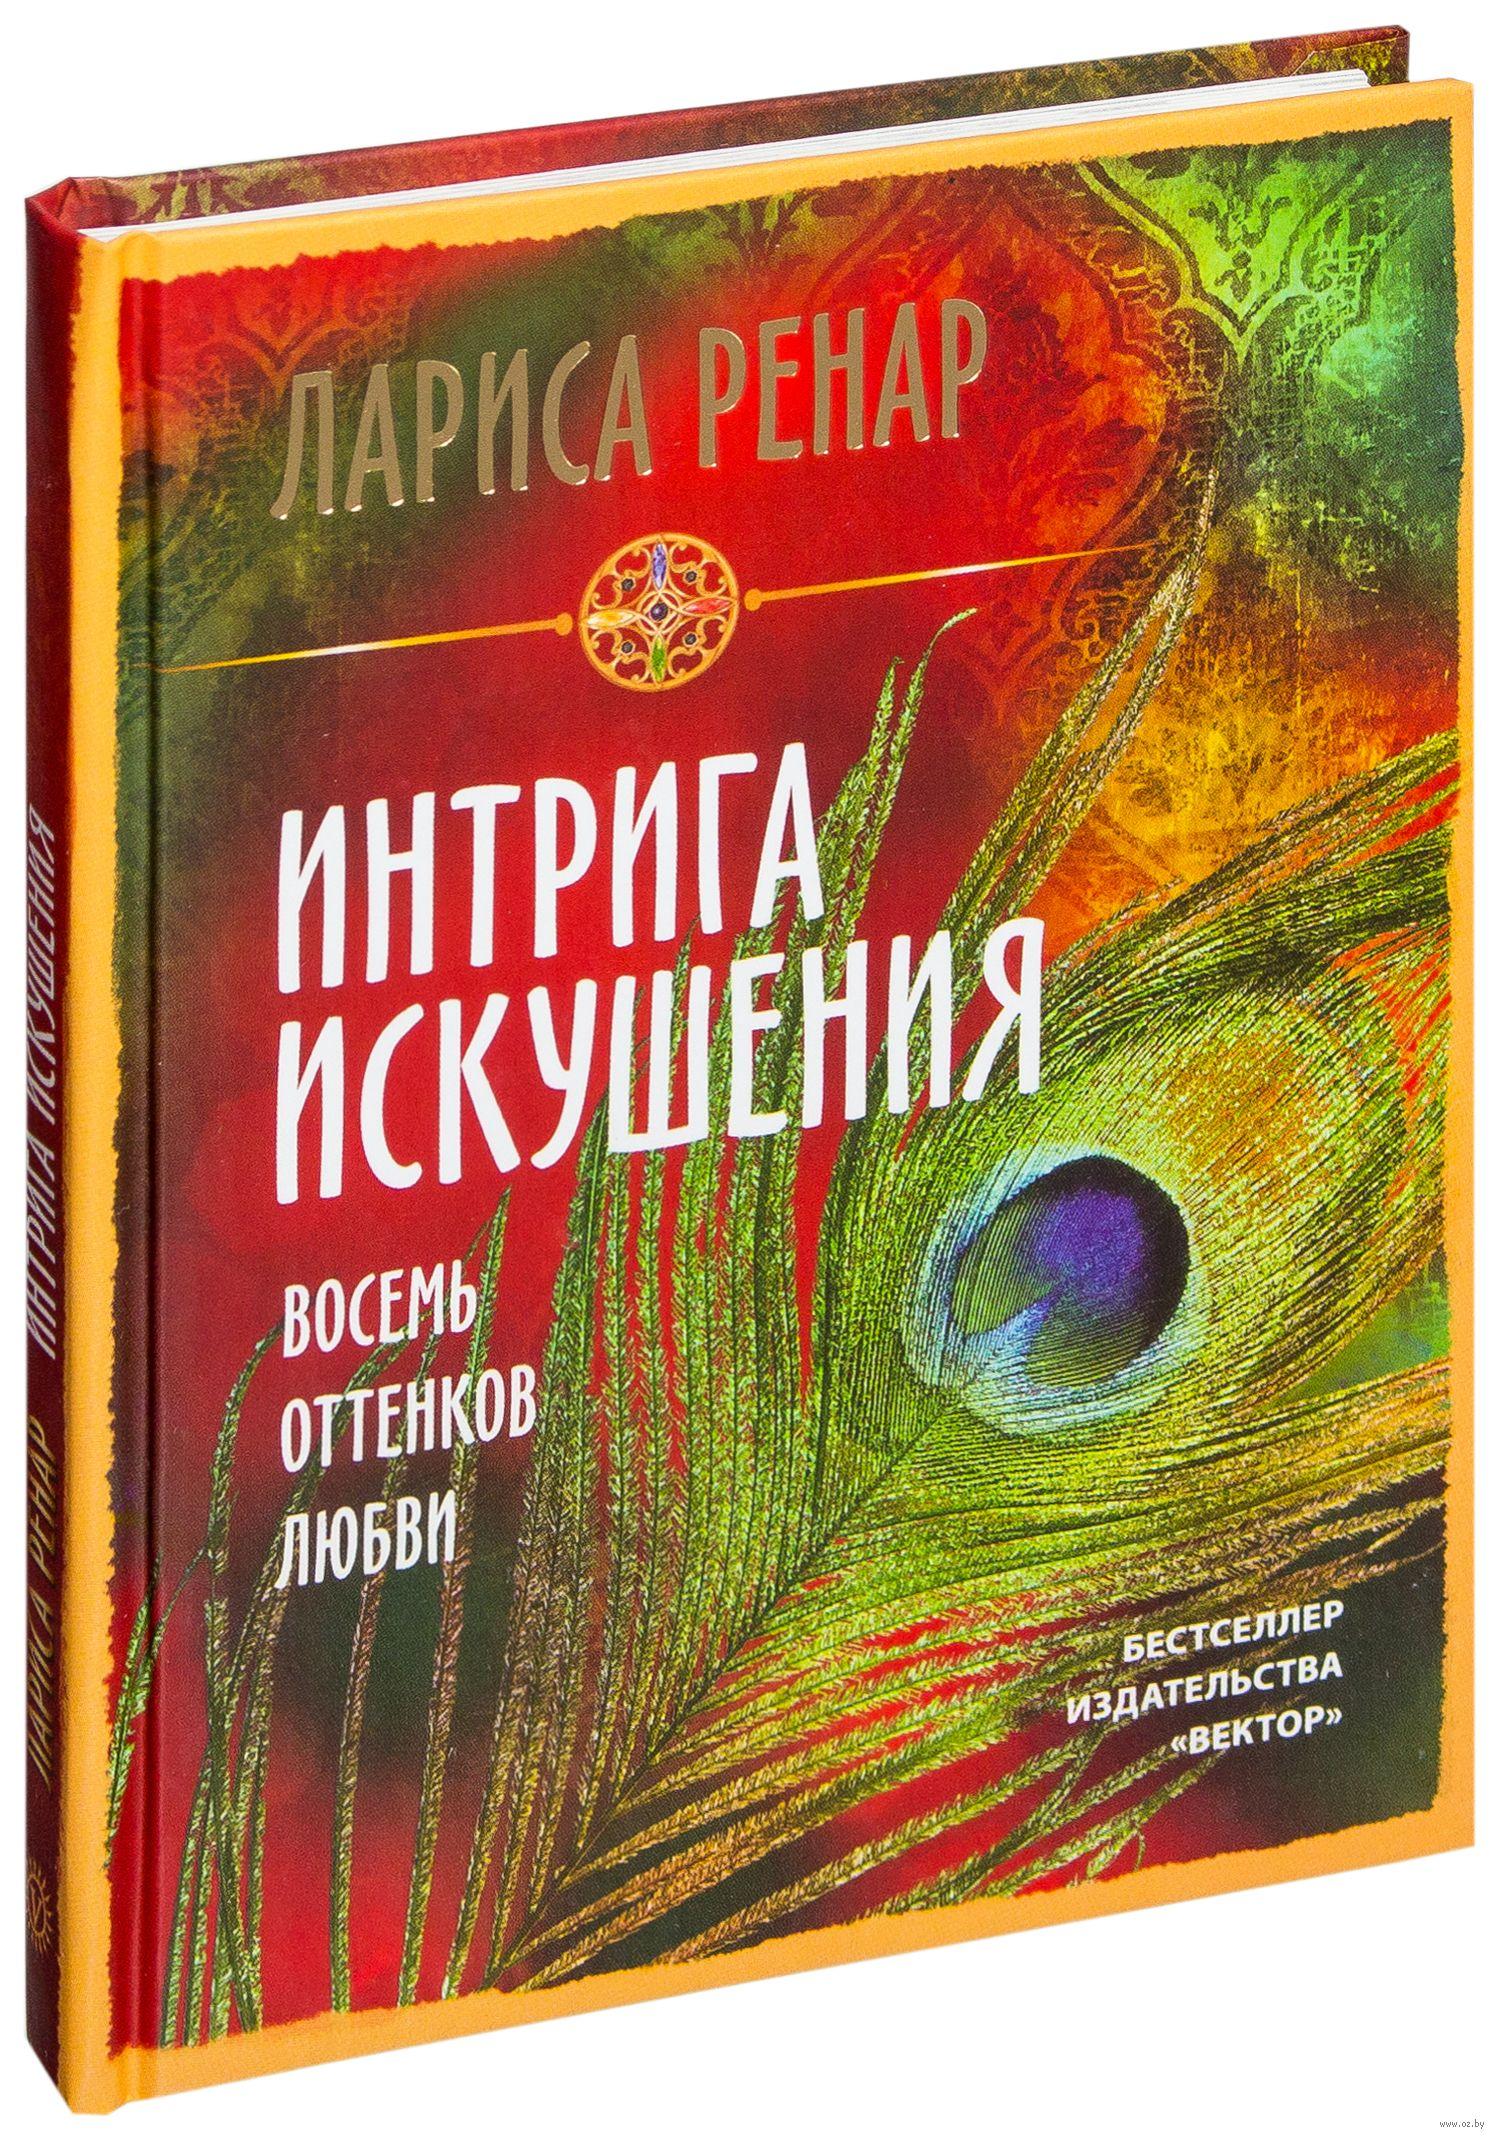 ЛАРИСА РЕНАР КНИГА ИНТРИГА ИСКУШЕНИЯ СКАЧАТЬ БЕСПЛАТНО